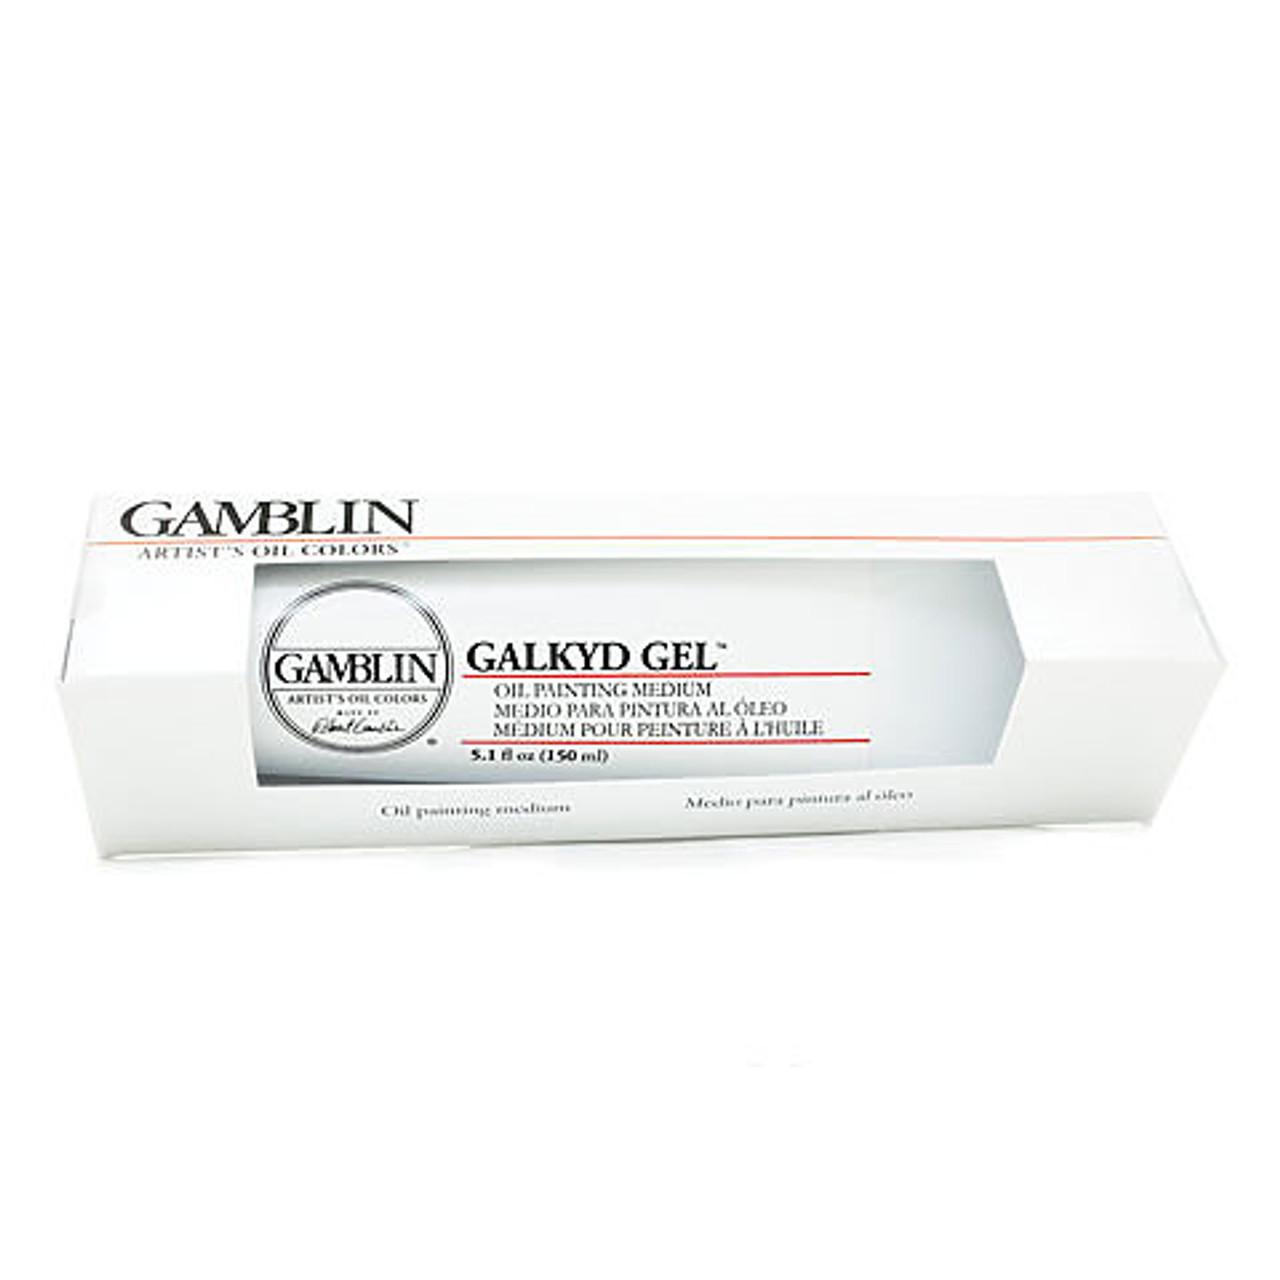 Gamblin Galkyd Gel